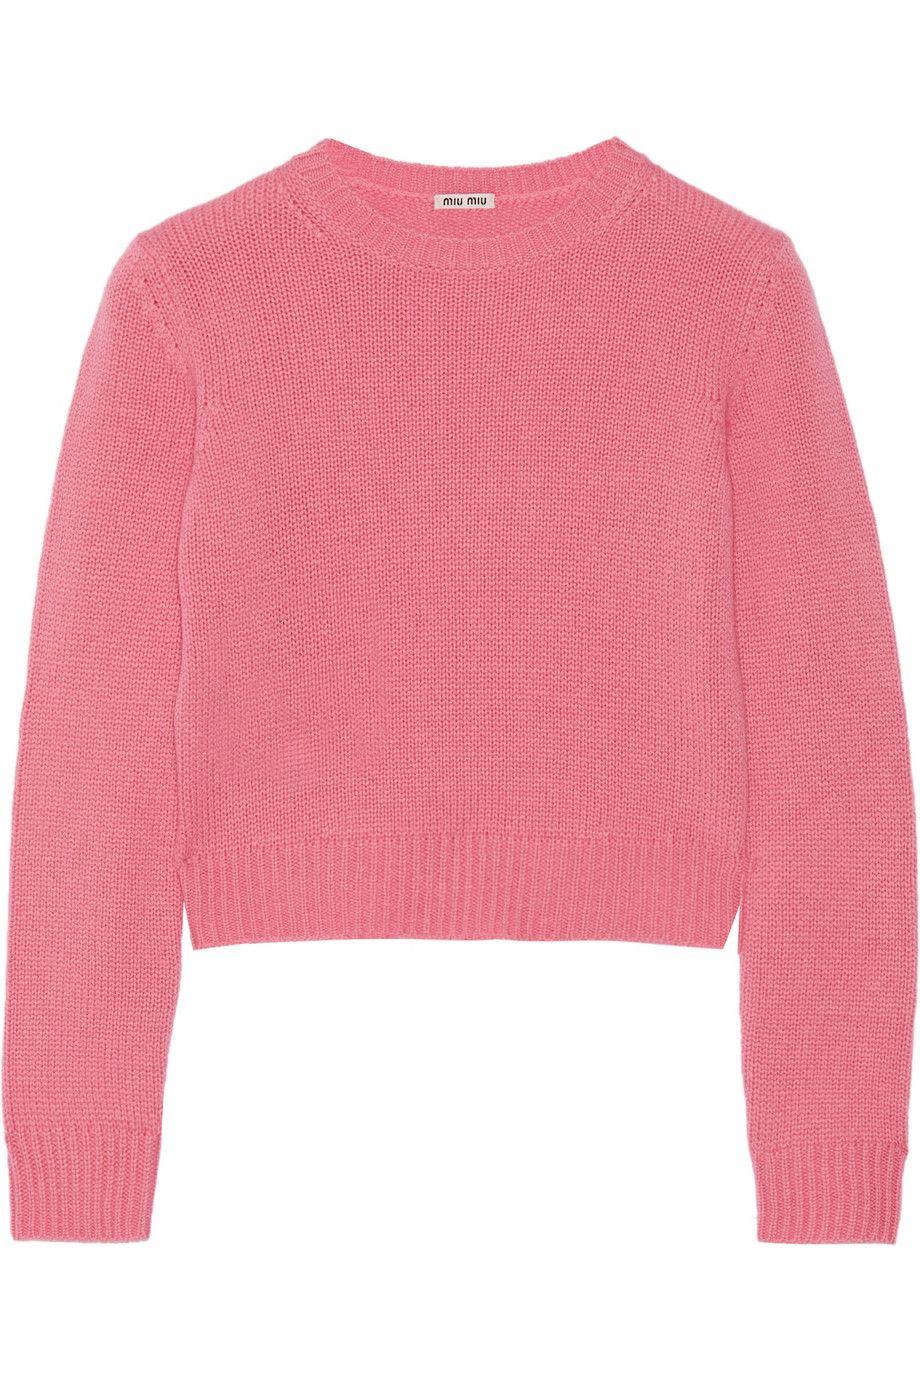 Miu Miu cropped sweater | closet {pink // nudes} | Pinterest | Miu ...